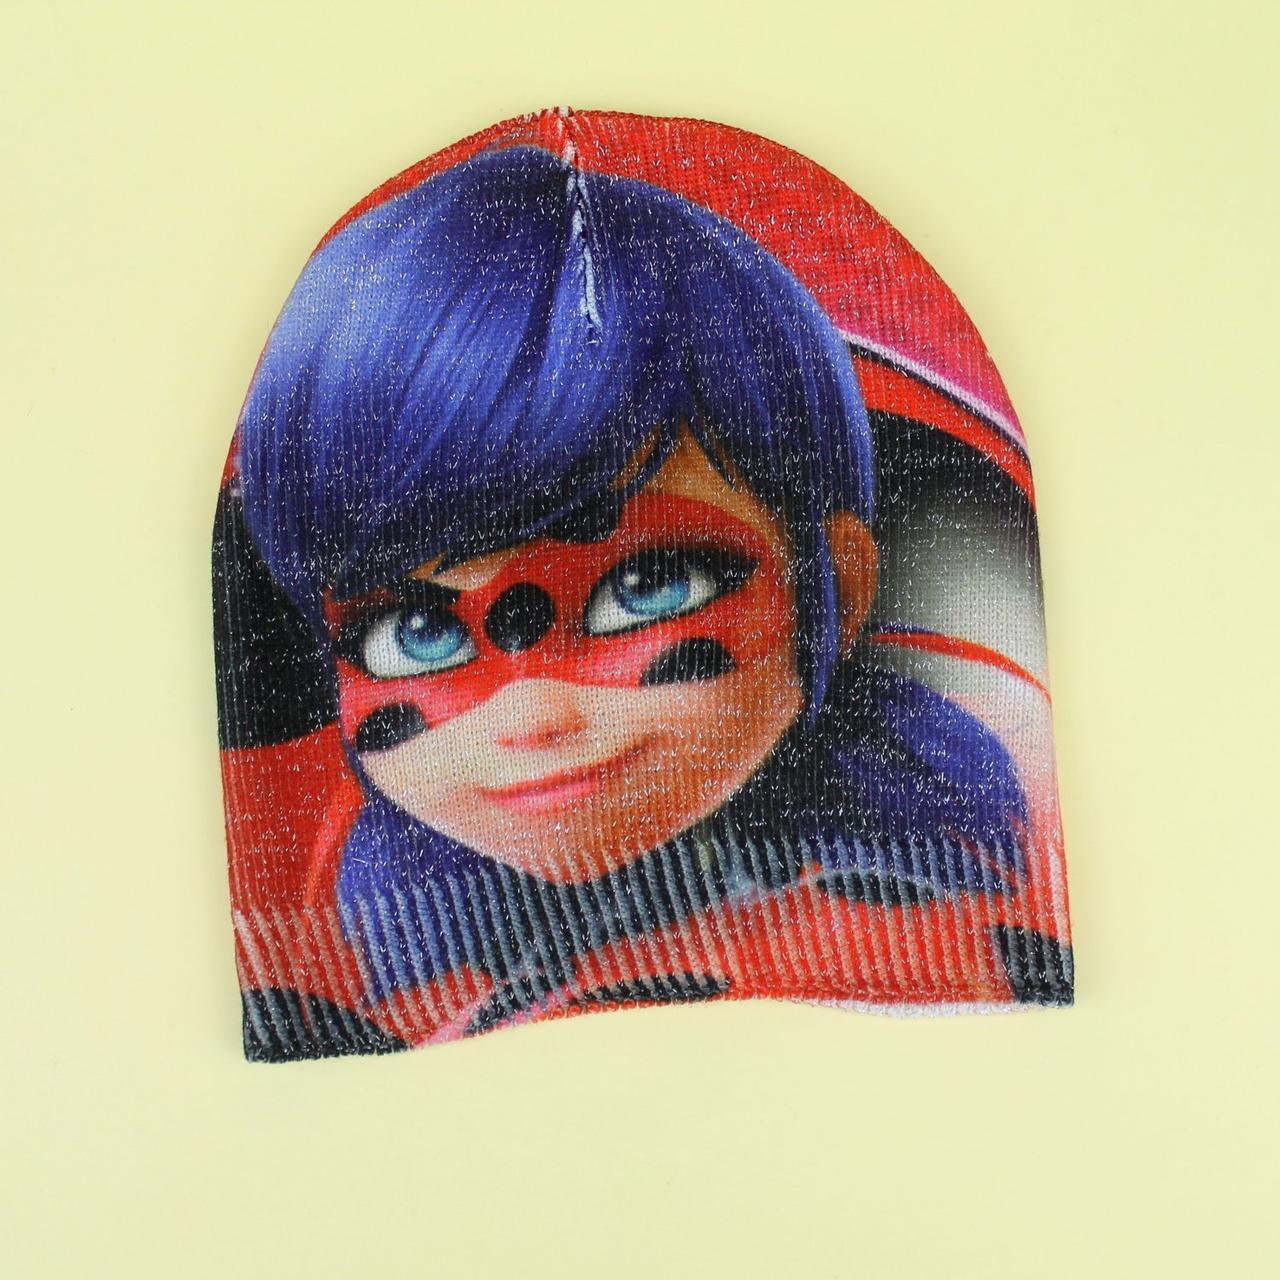 Демісезонна шапка для дівчинки Леді Баг люрекс тм Cerda розмір 50-52